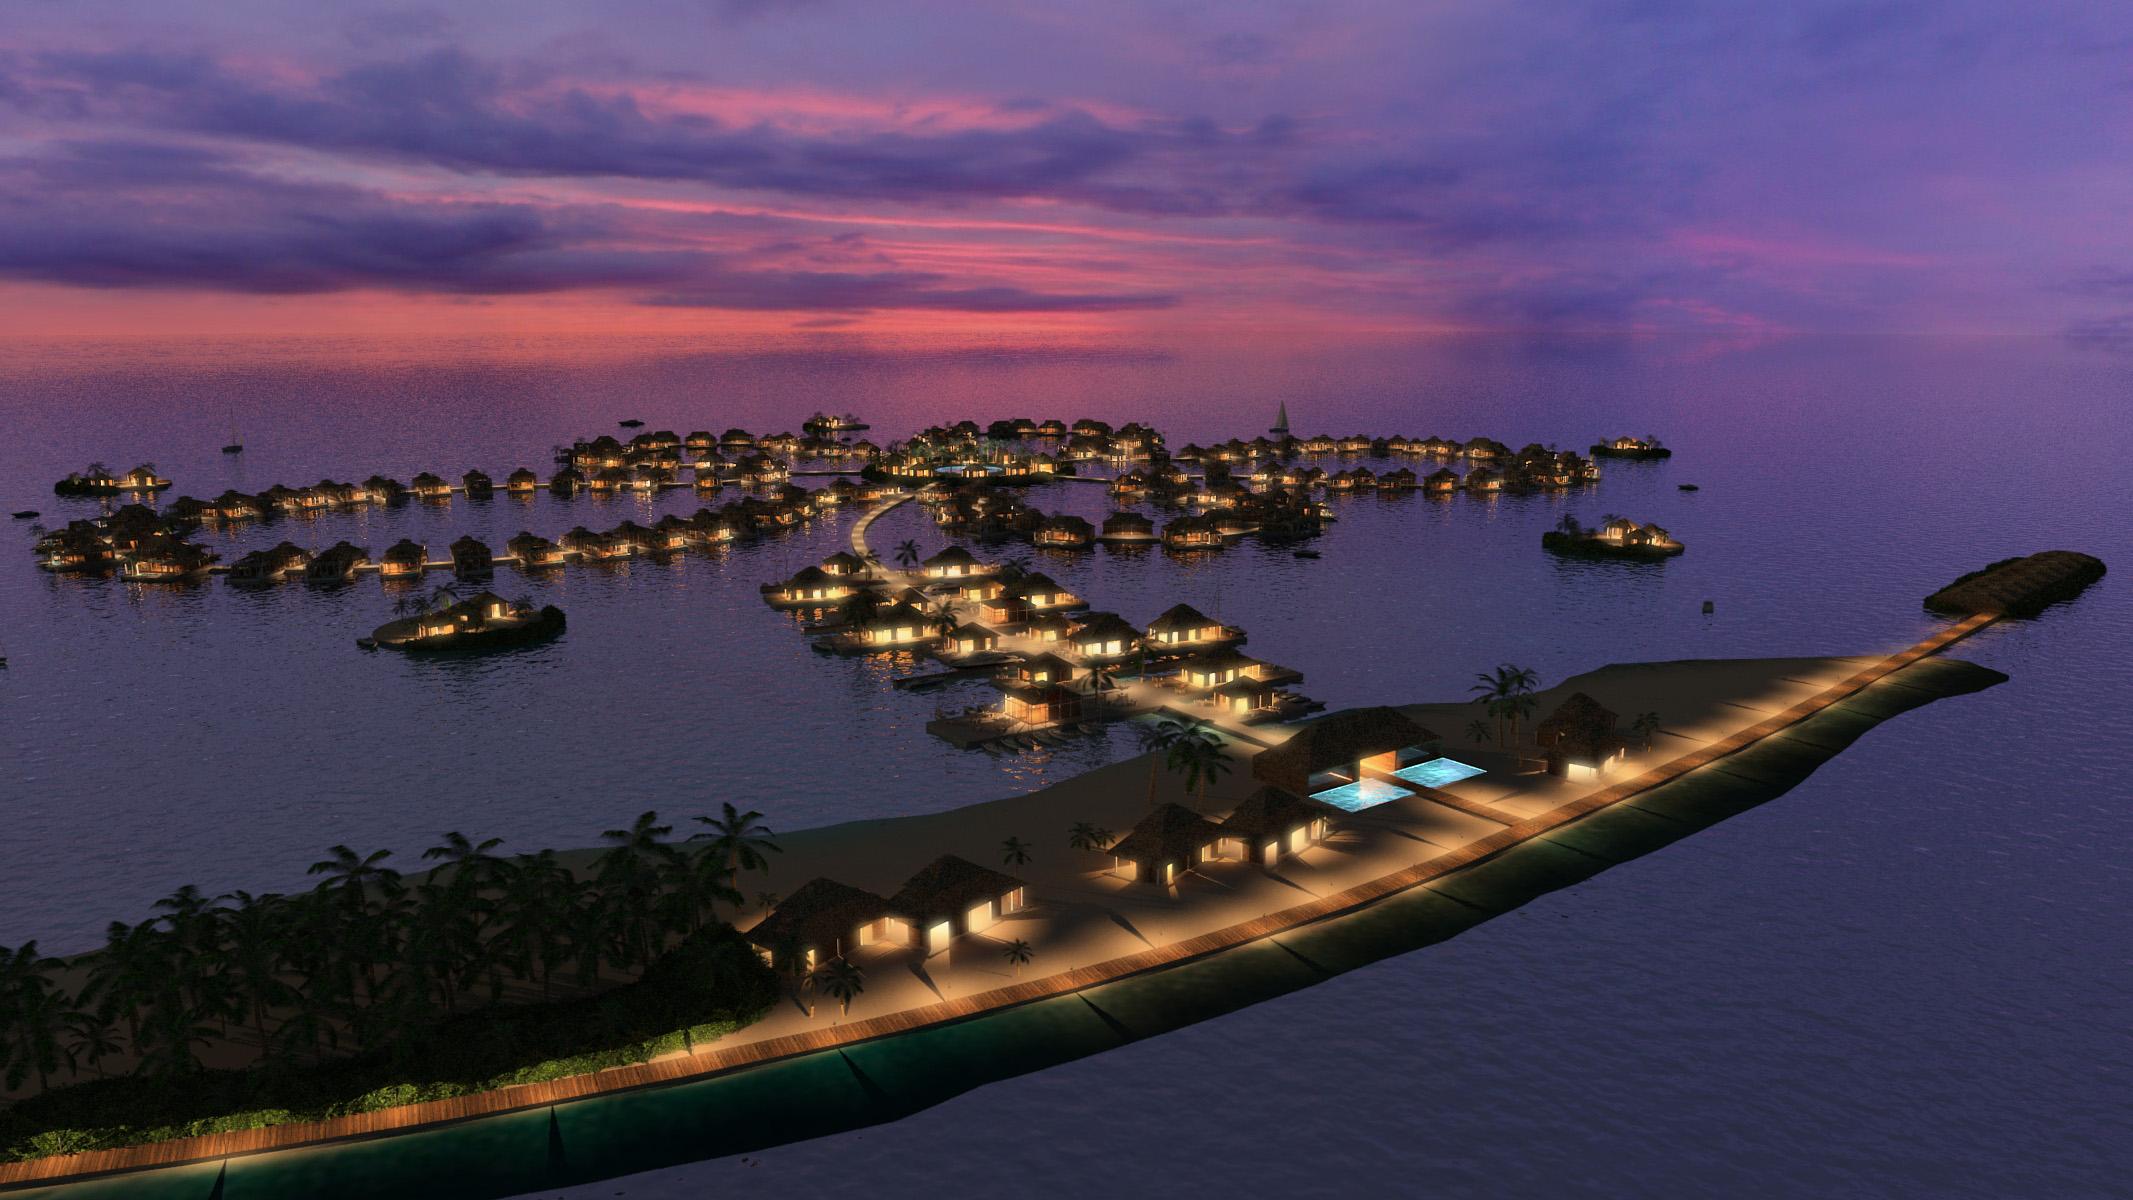 VILLAS PRIVADAS EN VENTA MALDIVAS - La flor OCEAN - CHRISTIE S INMOBILIARIA